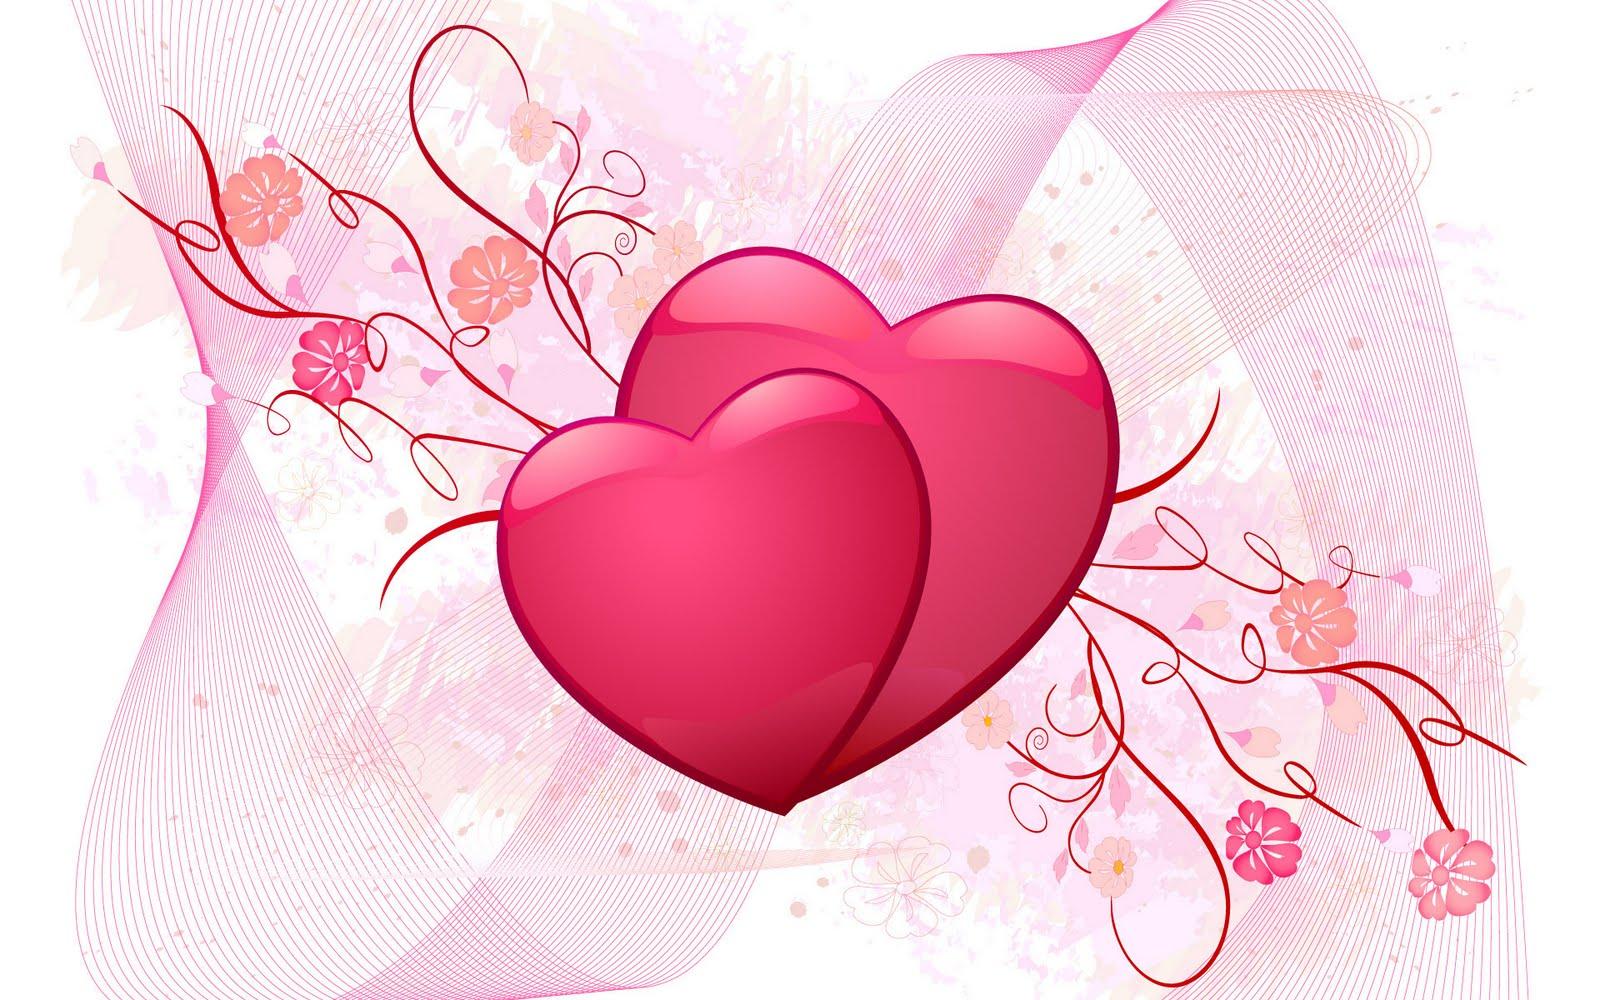 http://2.bp.blogspot.com/_r-aowbo7uYM/TBoPYJPNIyI/AAAAAAAAACg/bu7VauY-MLg/s1600/Love-wallpaper-love-4187609-1920-1200.jpg